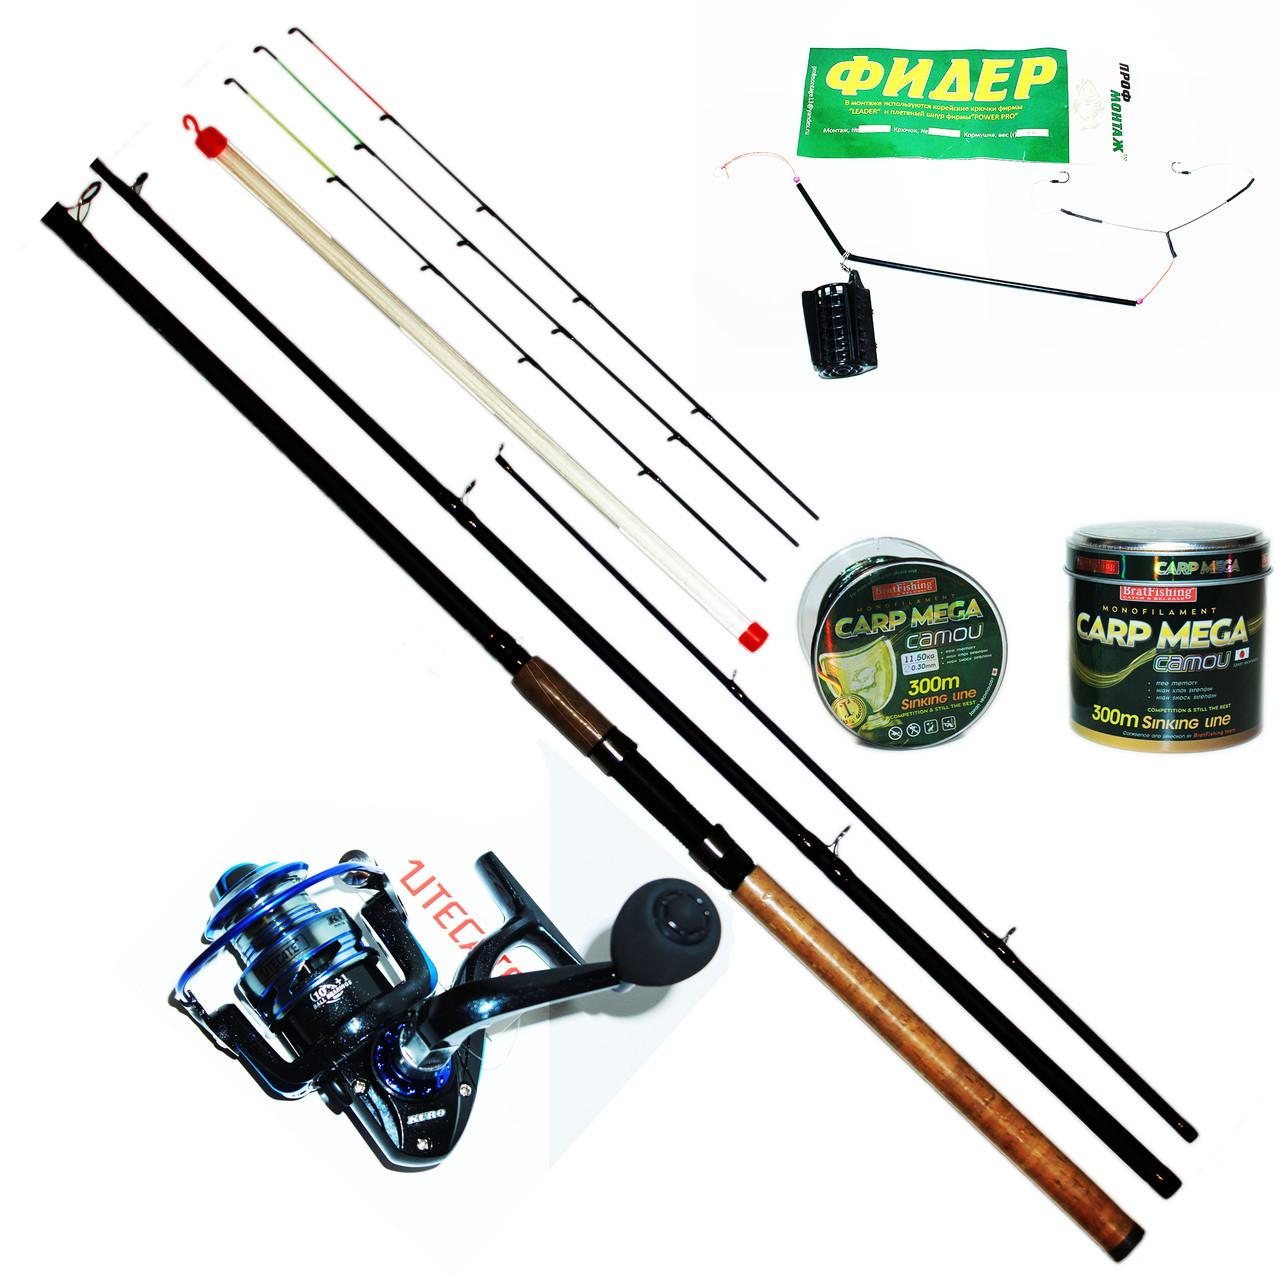 Фидерный спиннинг набор Bratfishing TAIPAN FEEDER 3.0 м. / 80-180 g